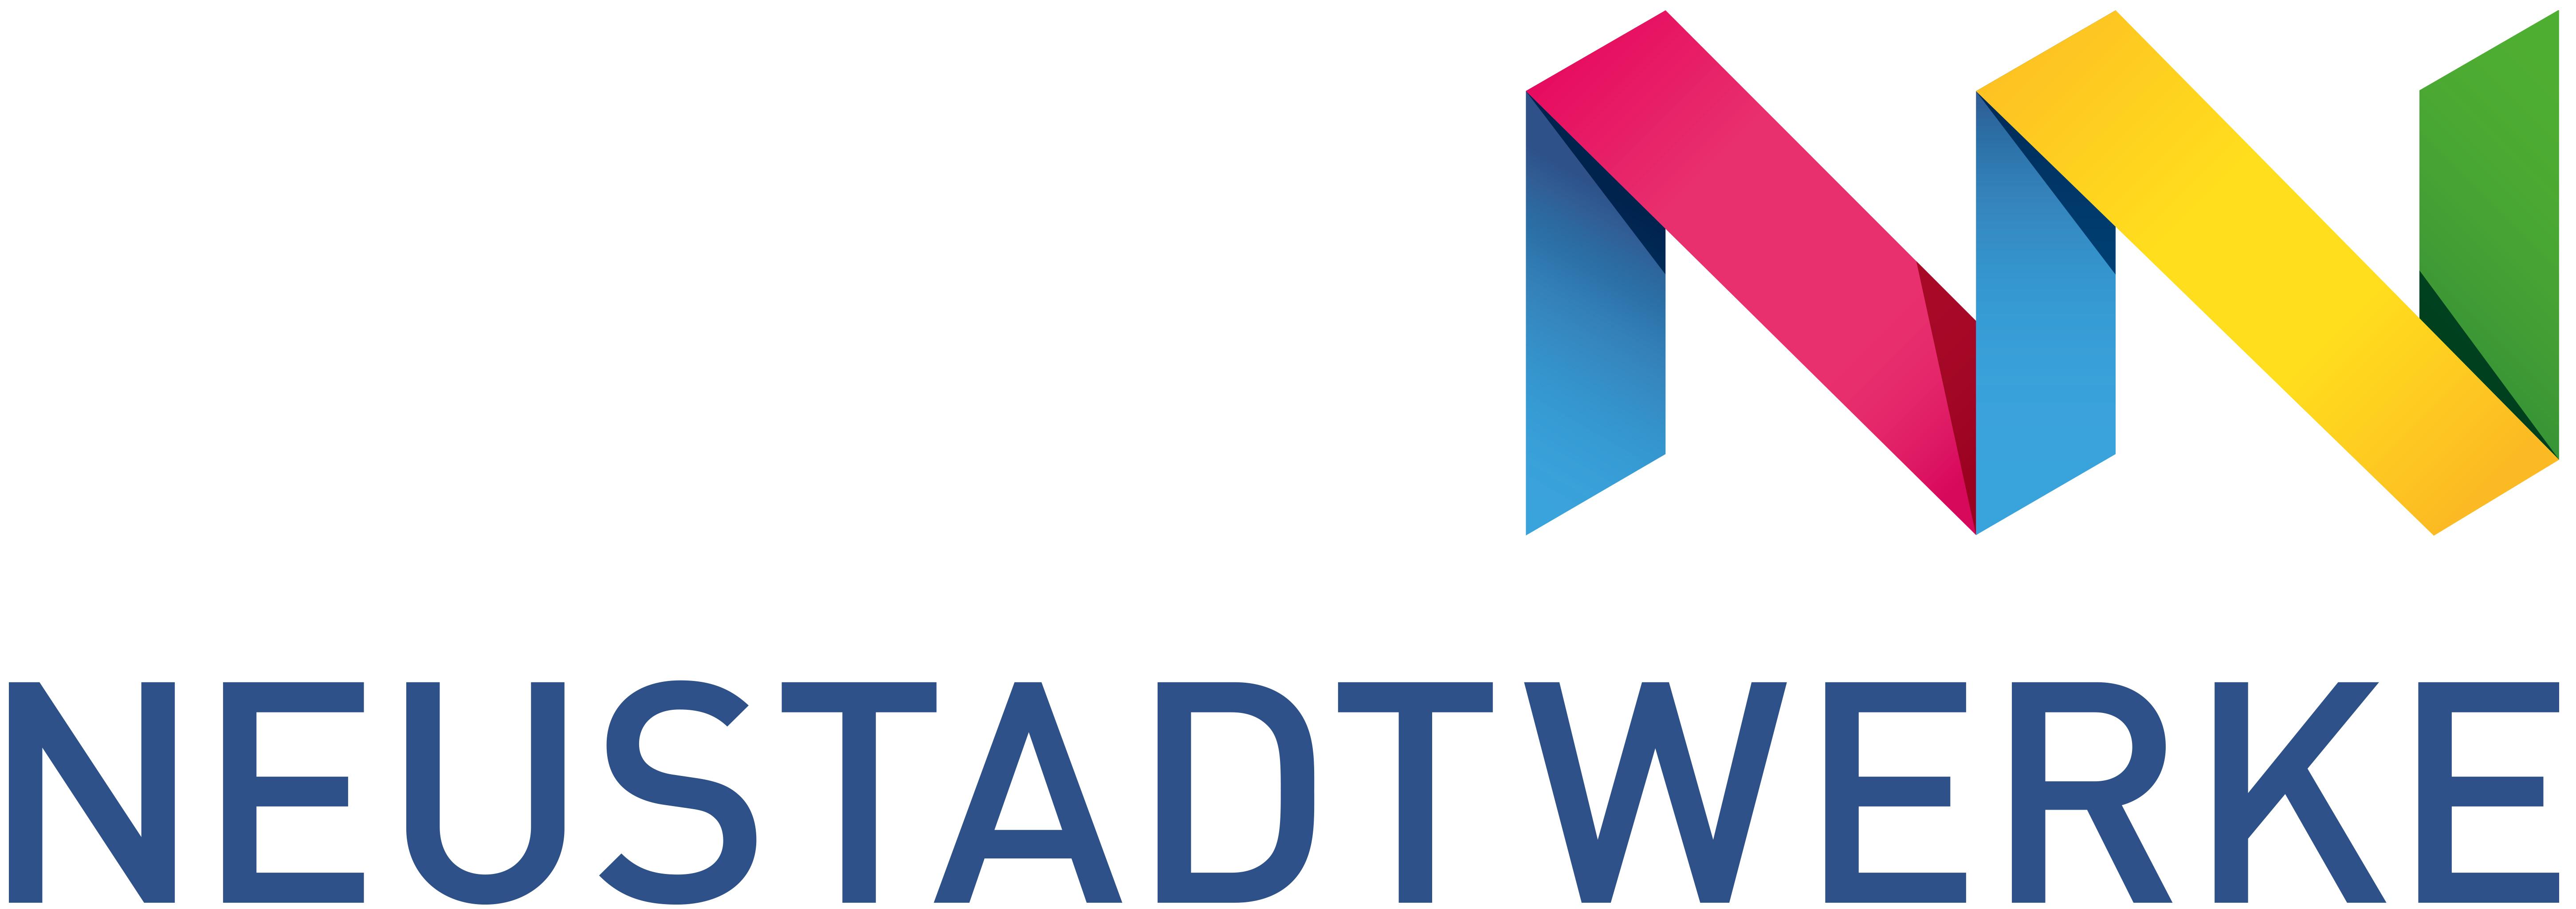 » Mediacenter-Datenarchiv/Bilder_Allgemein/Events/Wassertag2019 » Logo_Neustadtwerke.jpg